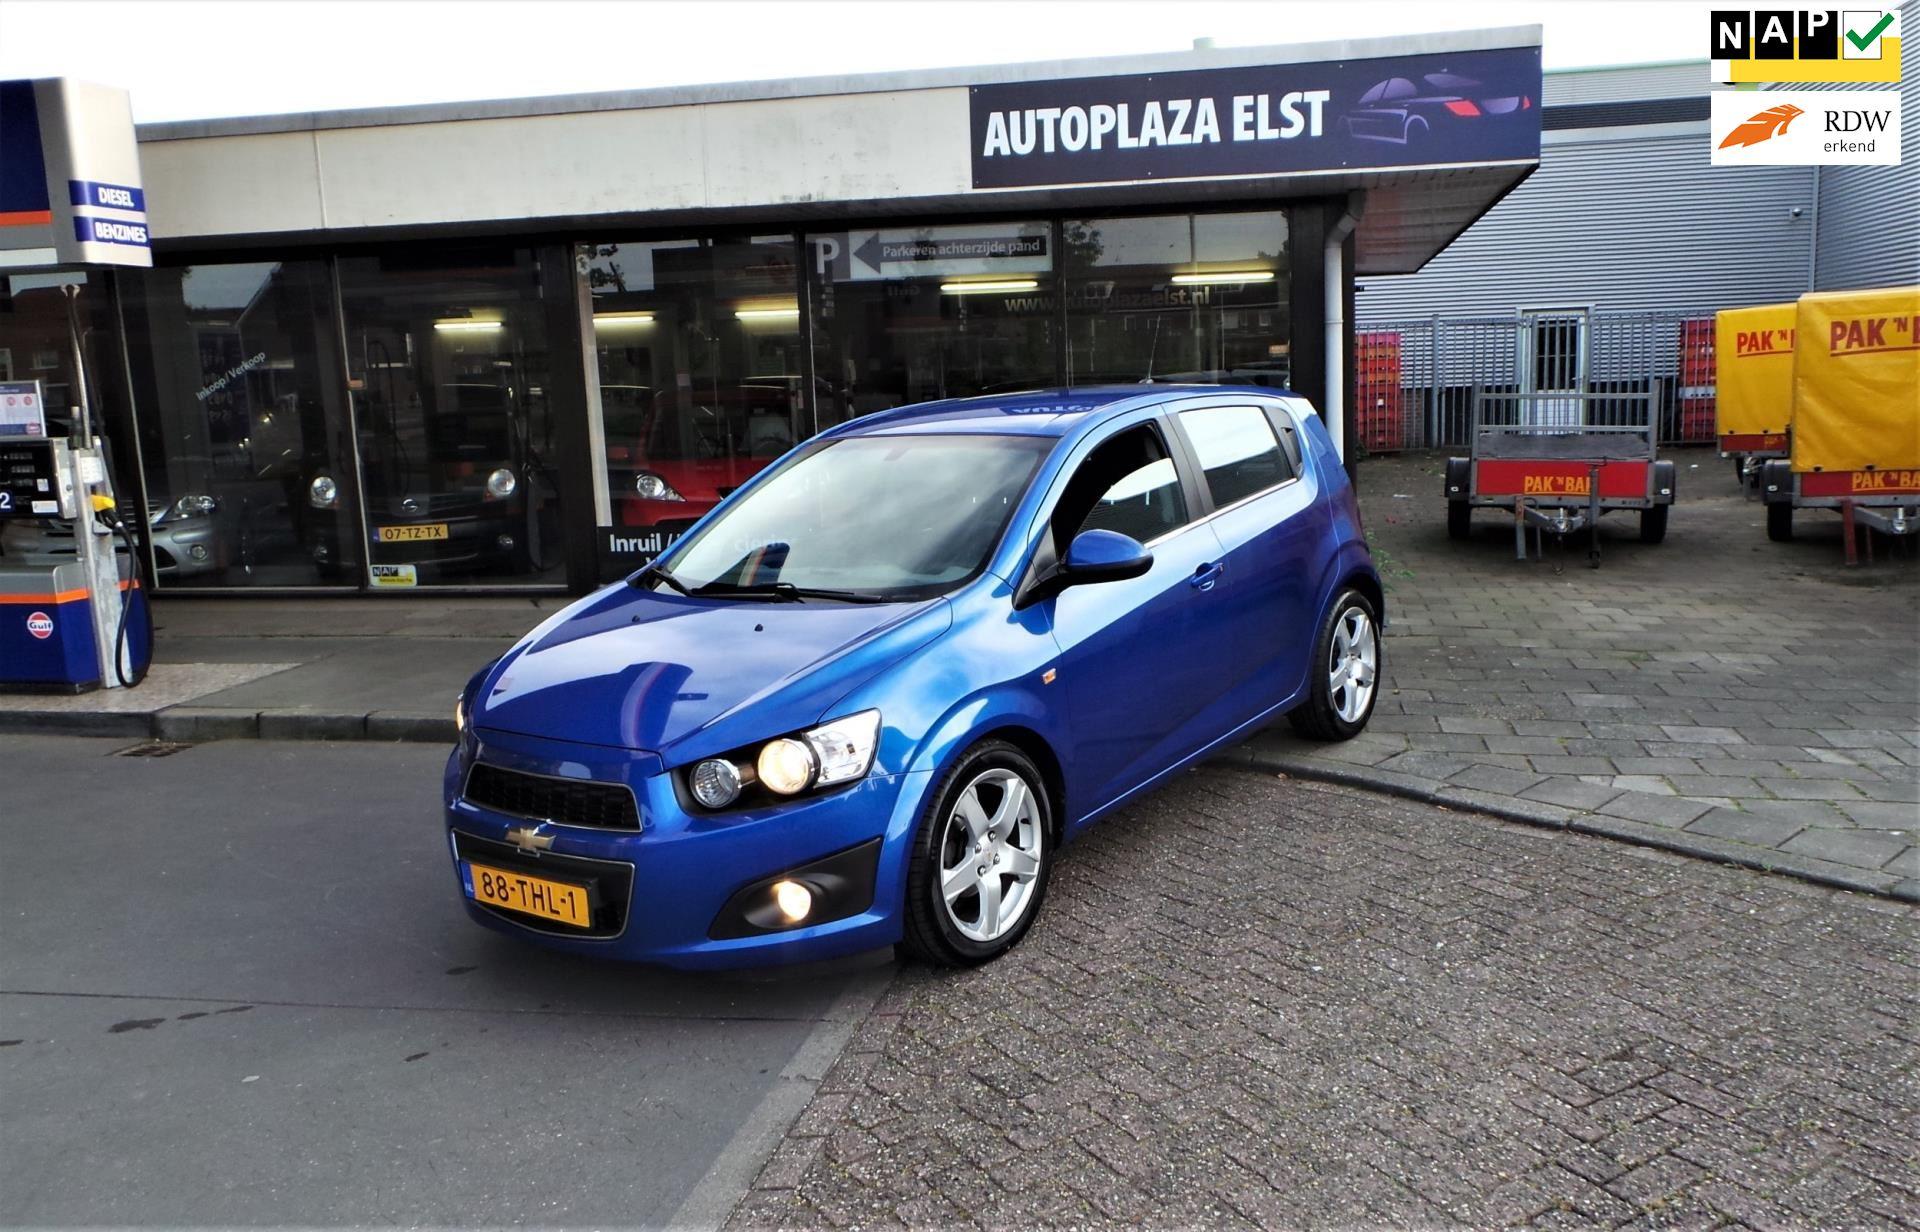 Chevrolet Aveo occasion - Autoplaza Elst